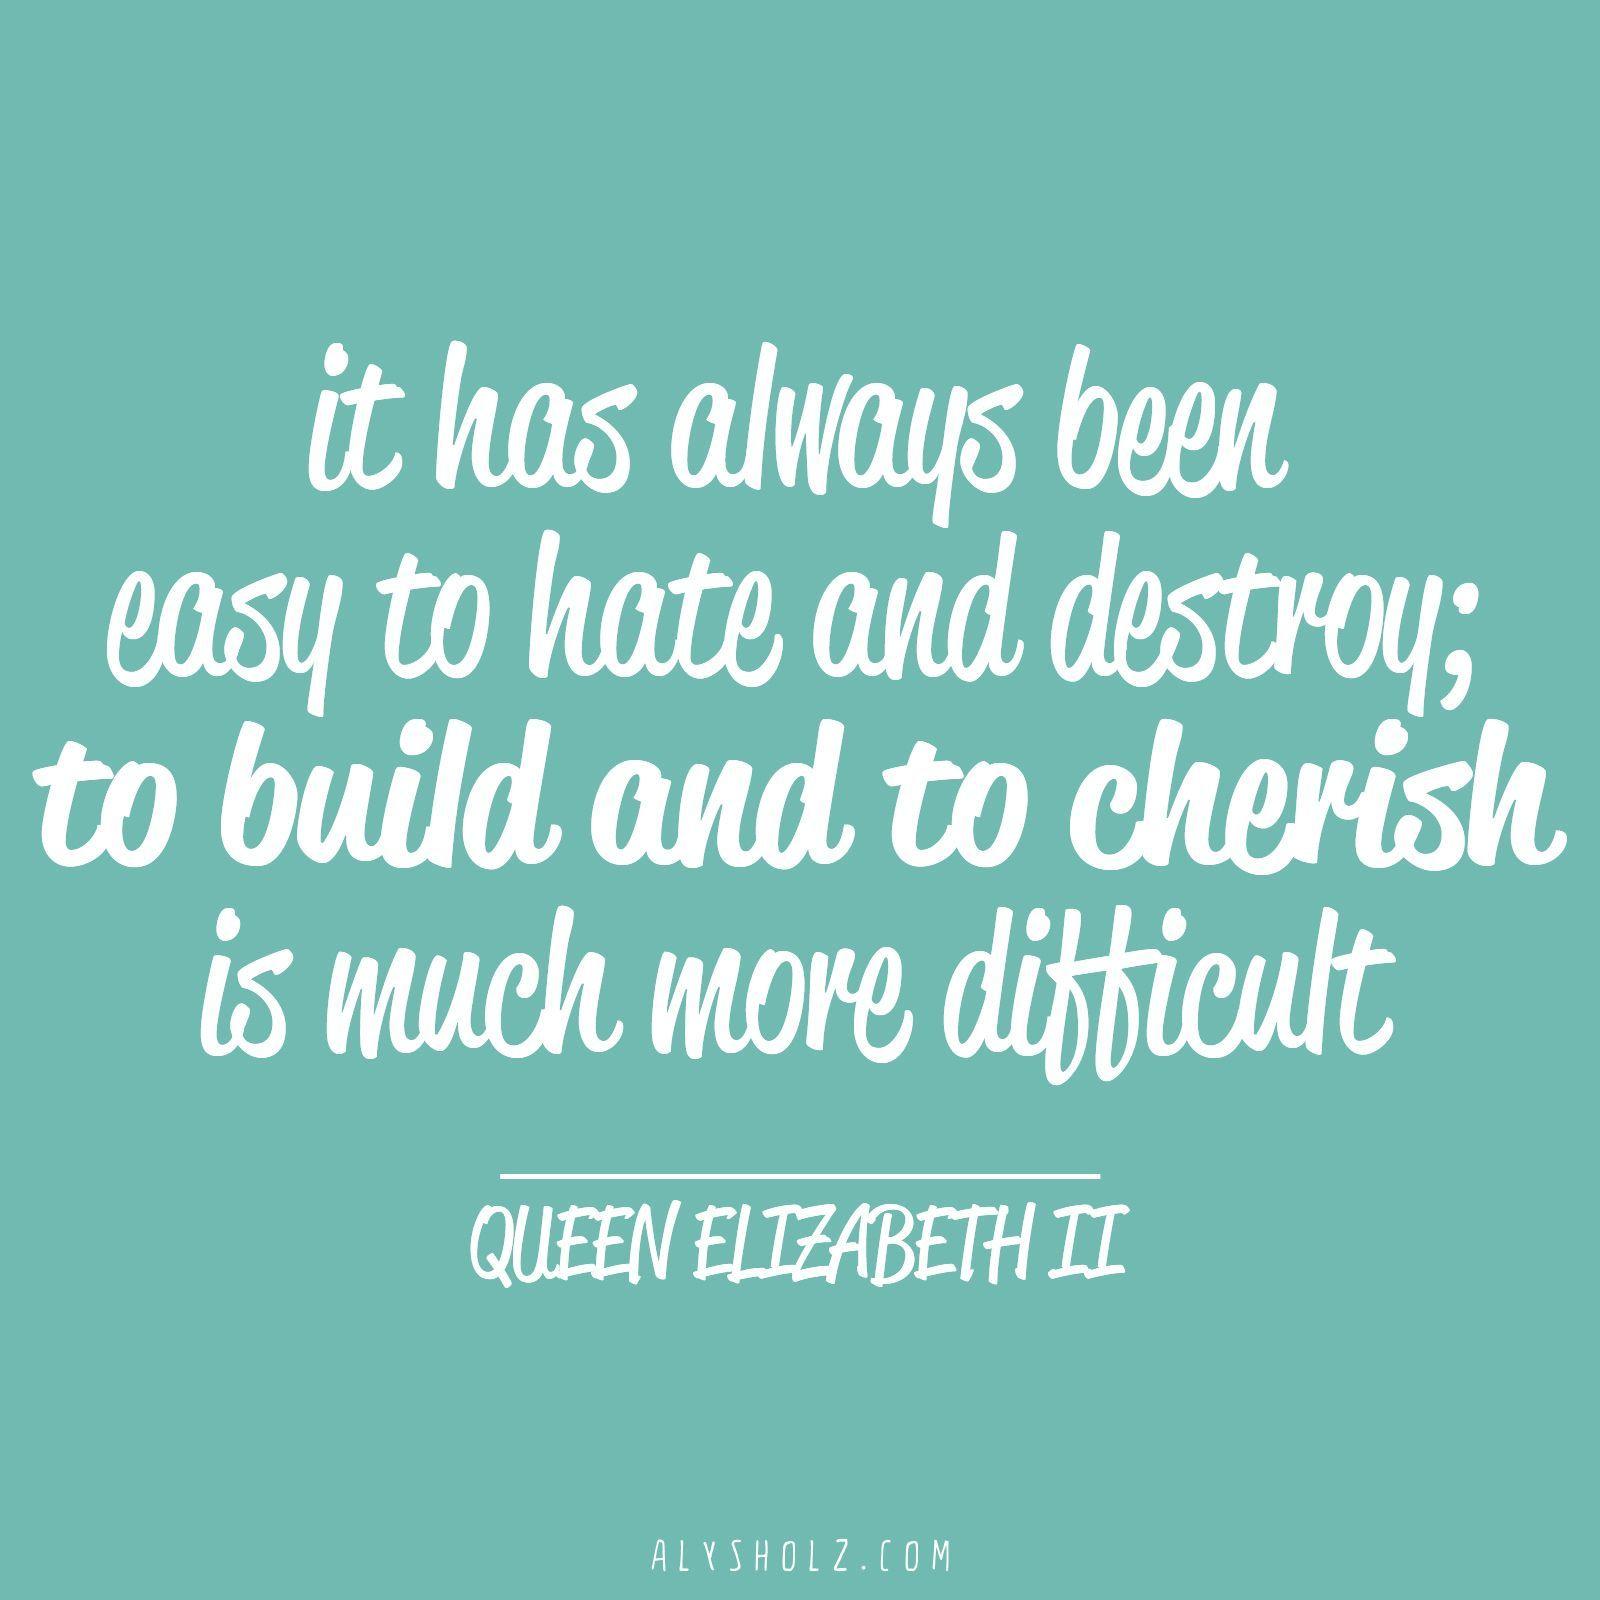 Words Of Wisdom From Queen Elizabeth Ii In Honour Of The Queen S Birthday Weekend Queen Elizabeth Quotes Inspirational Words Queen Elizabeth